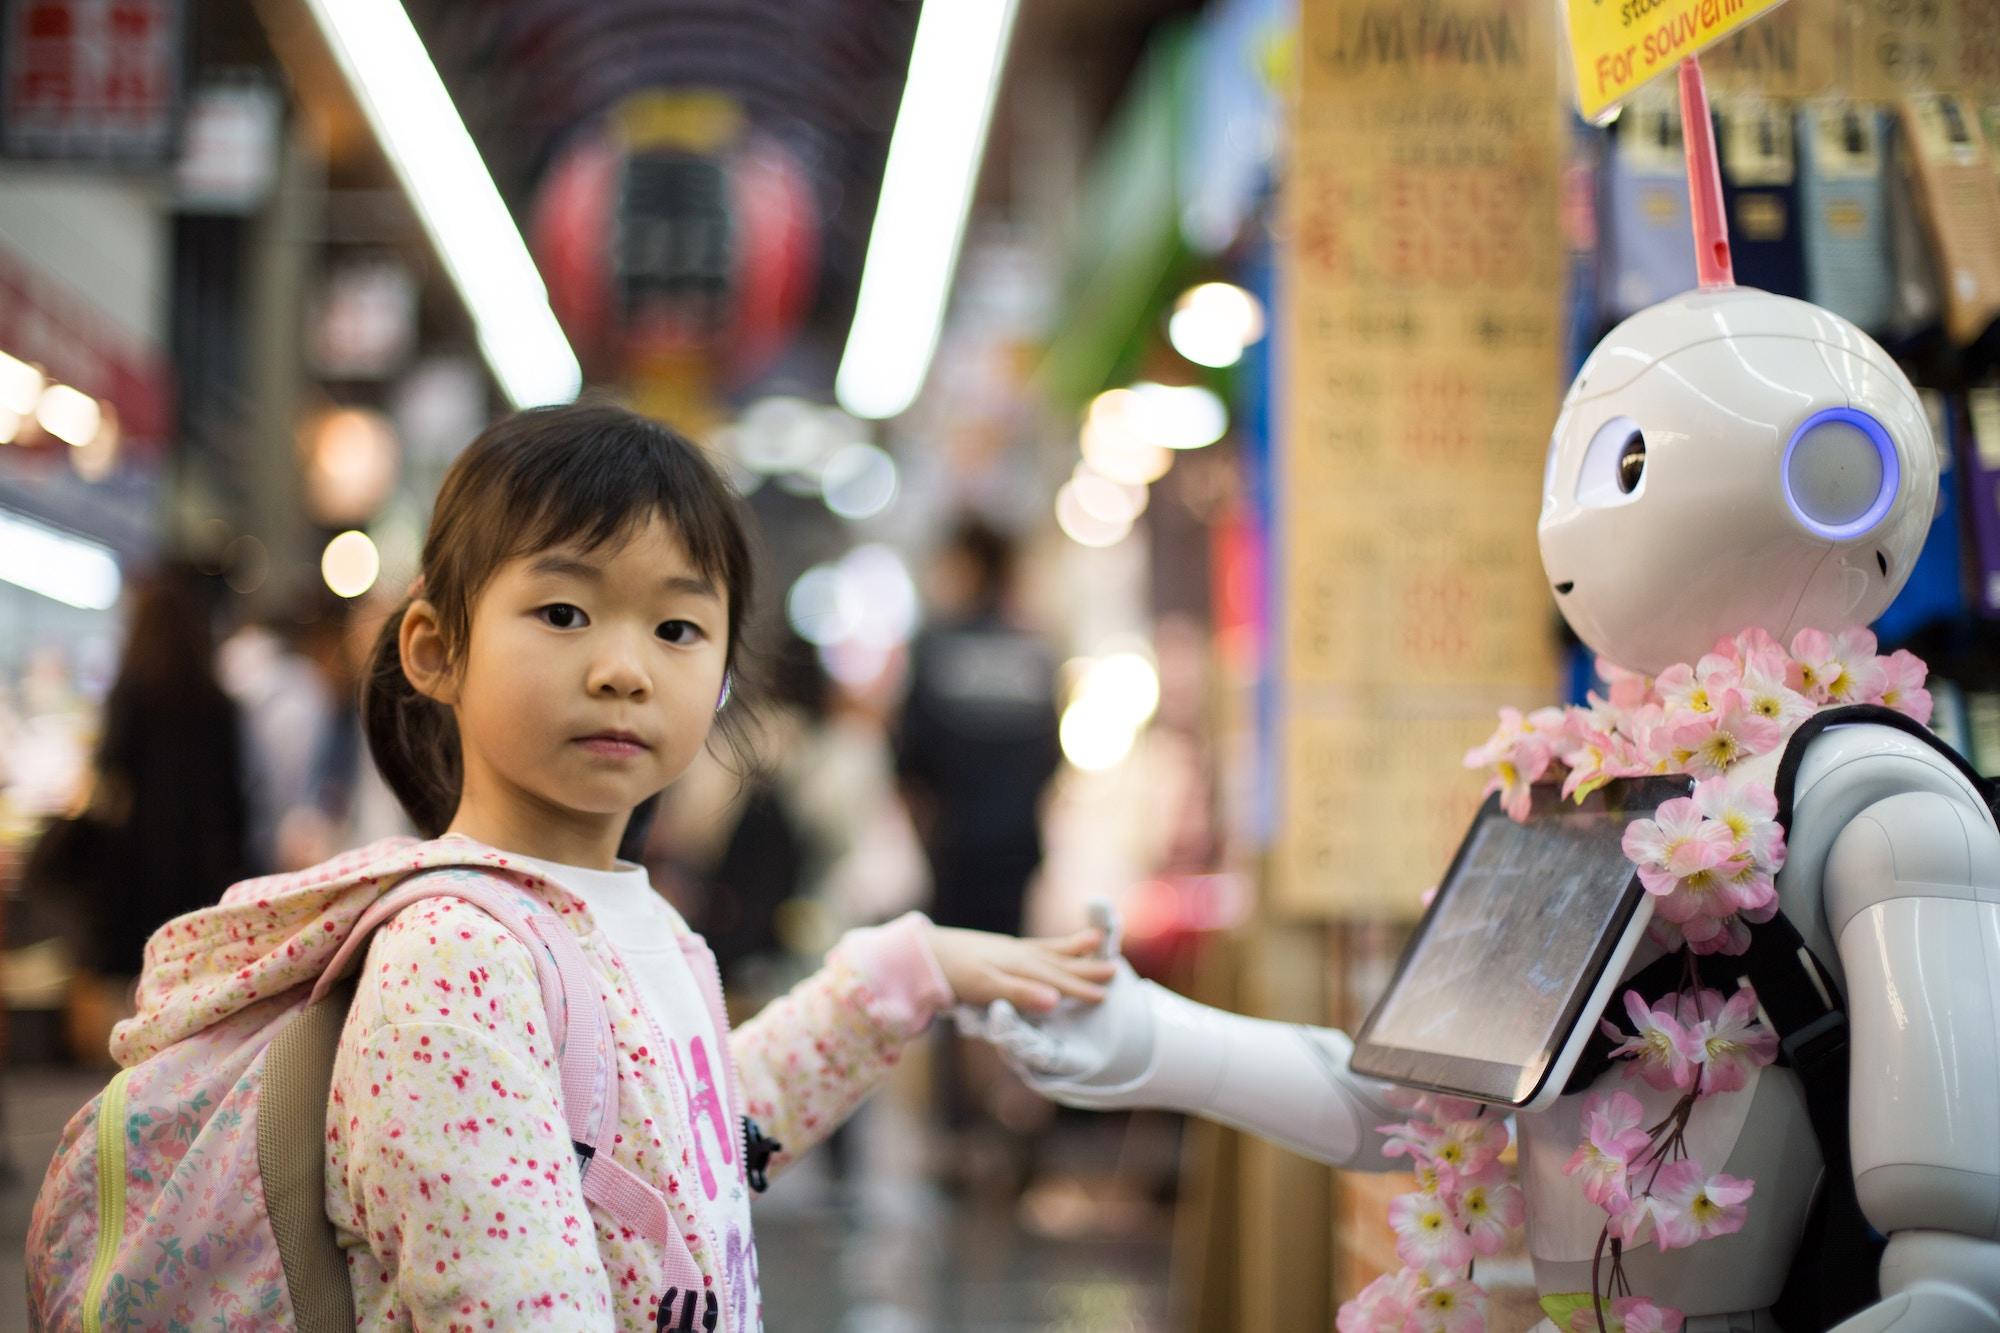 Budoucnost představuje stále častější interakce lidí s roboty